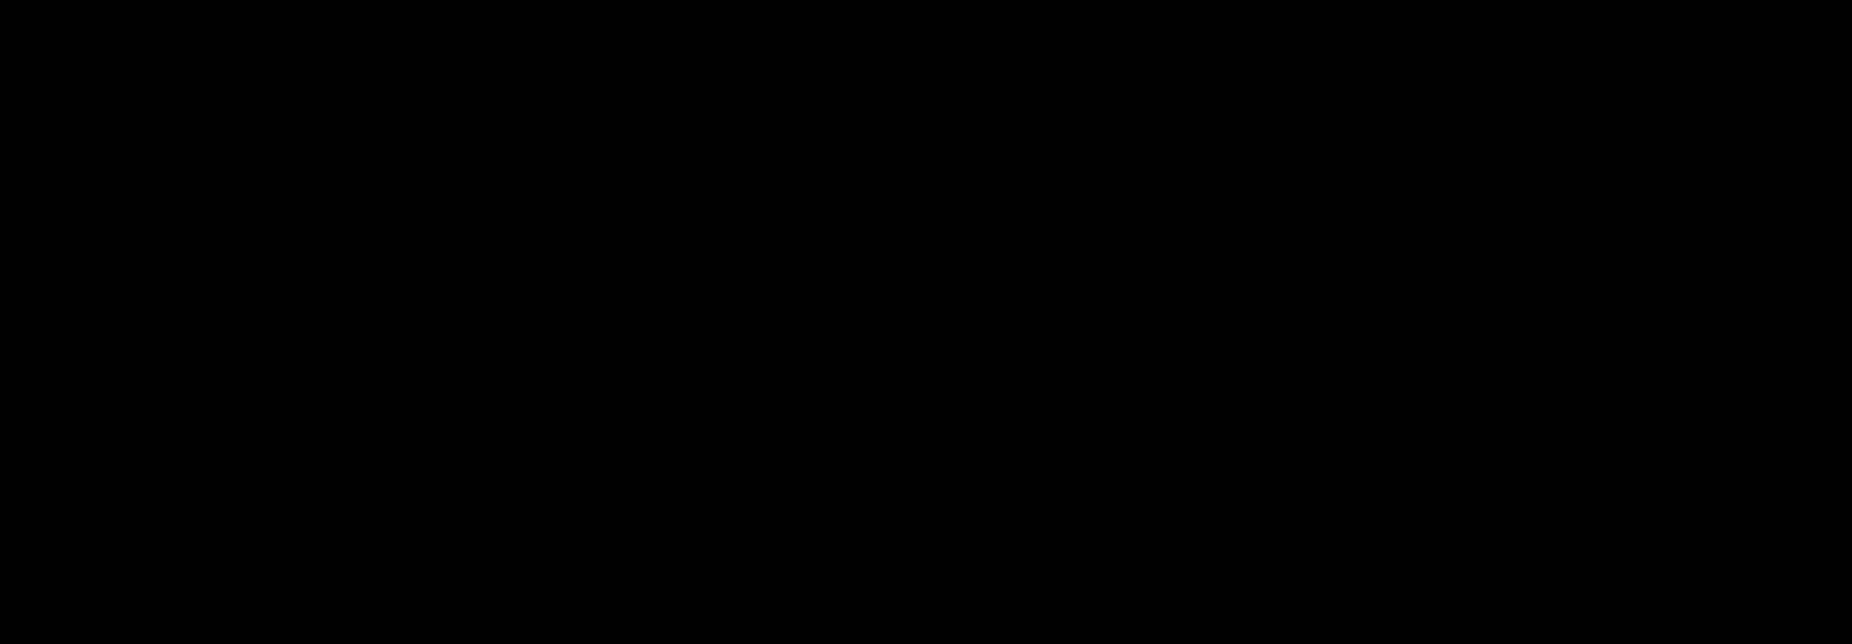 signature LT